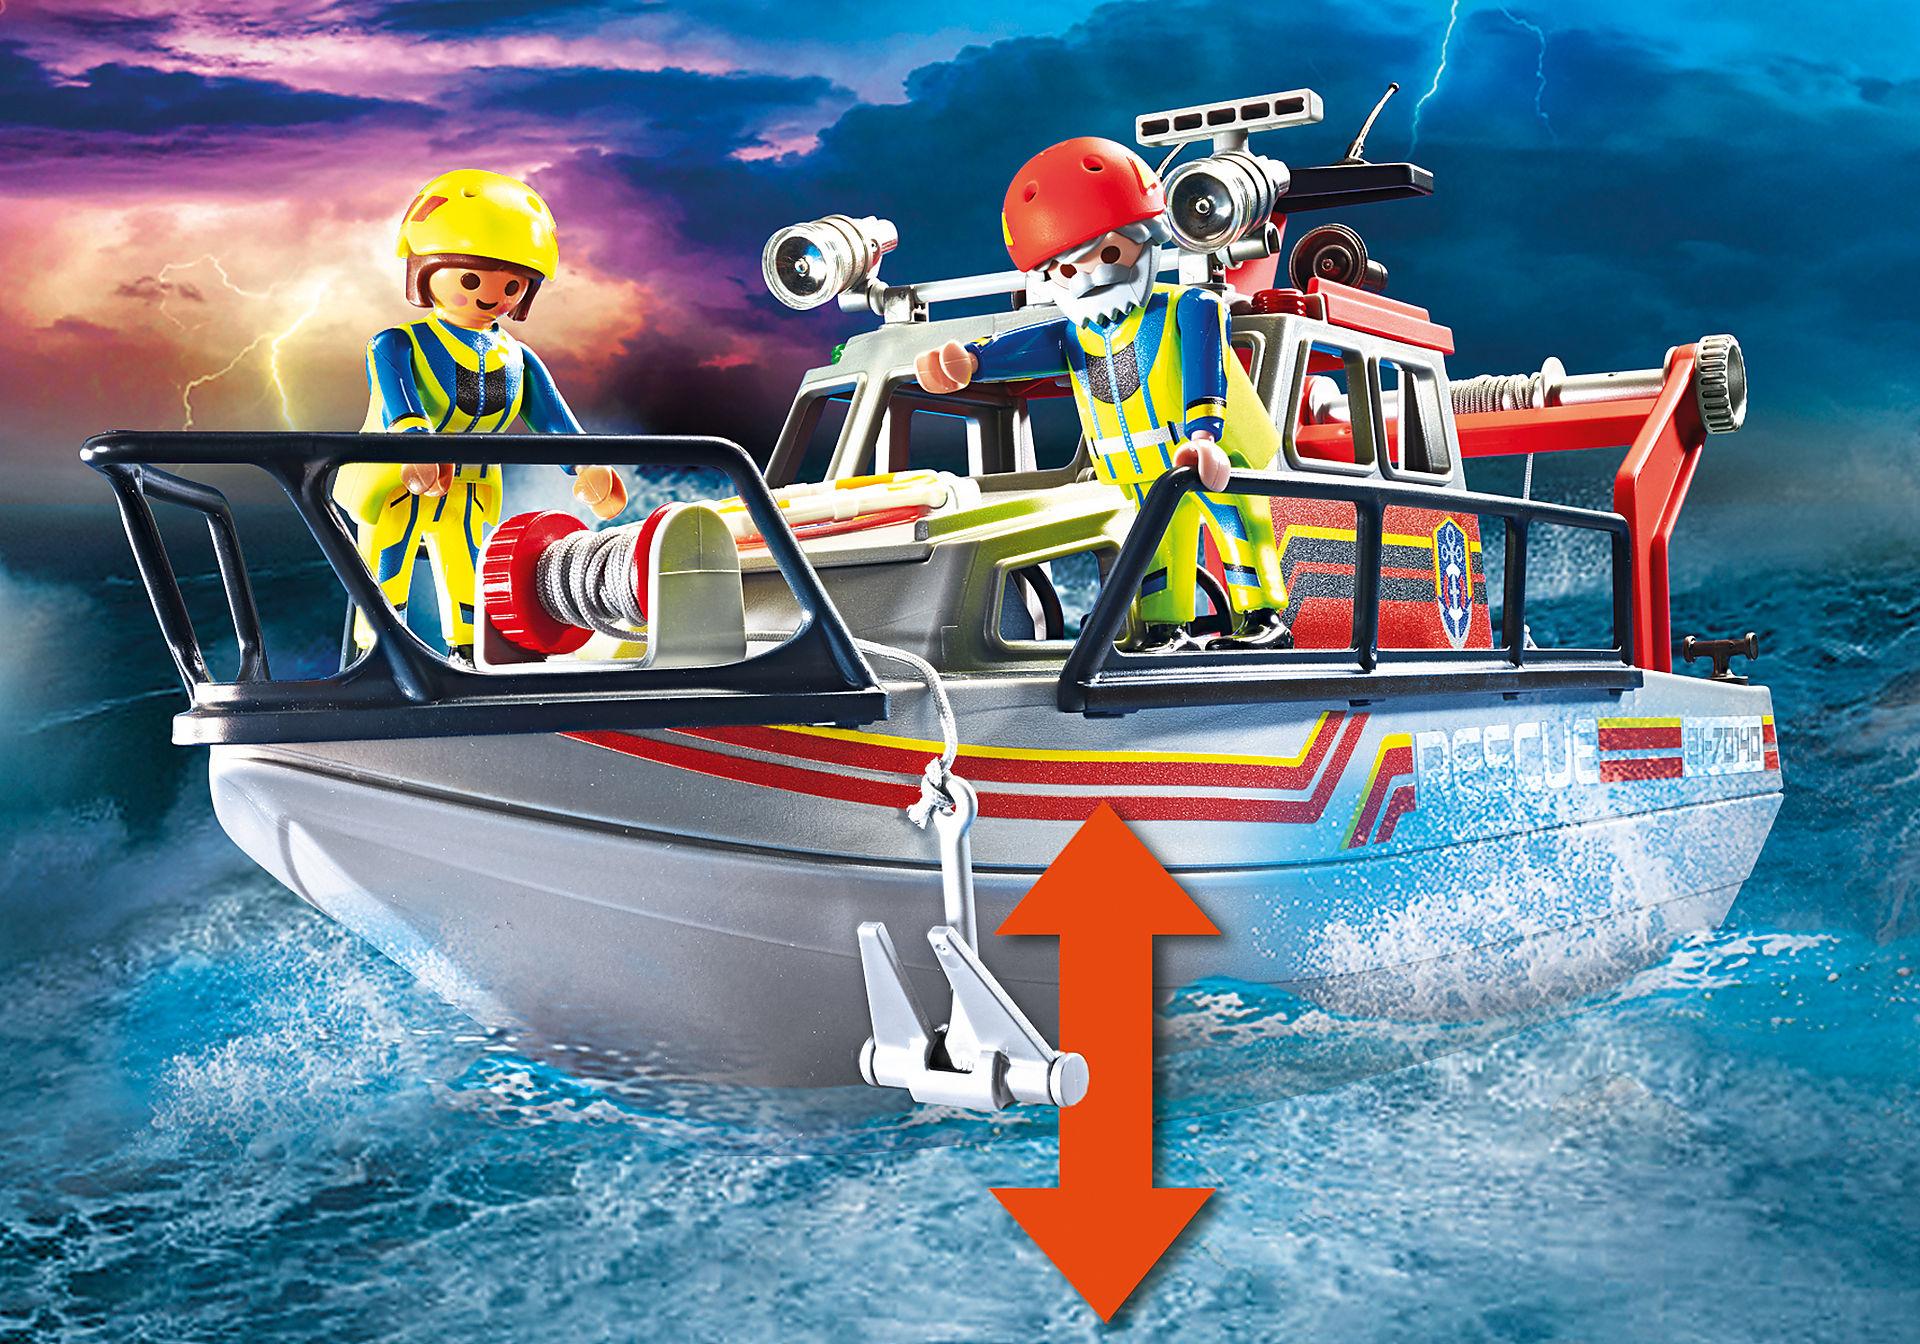 70140 Skibsredning: Slukningsudstyr med redningsbåd zoom image5